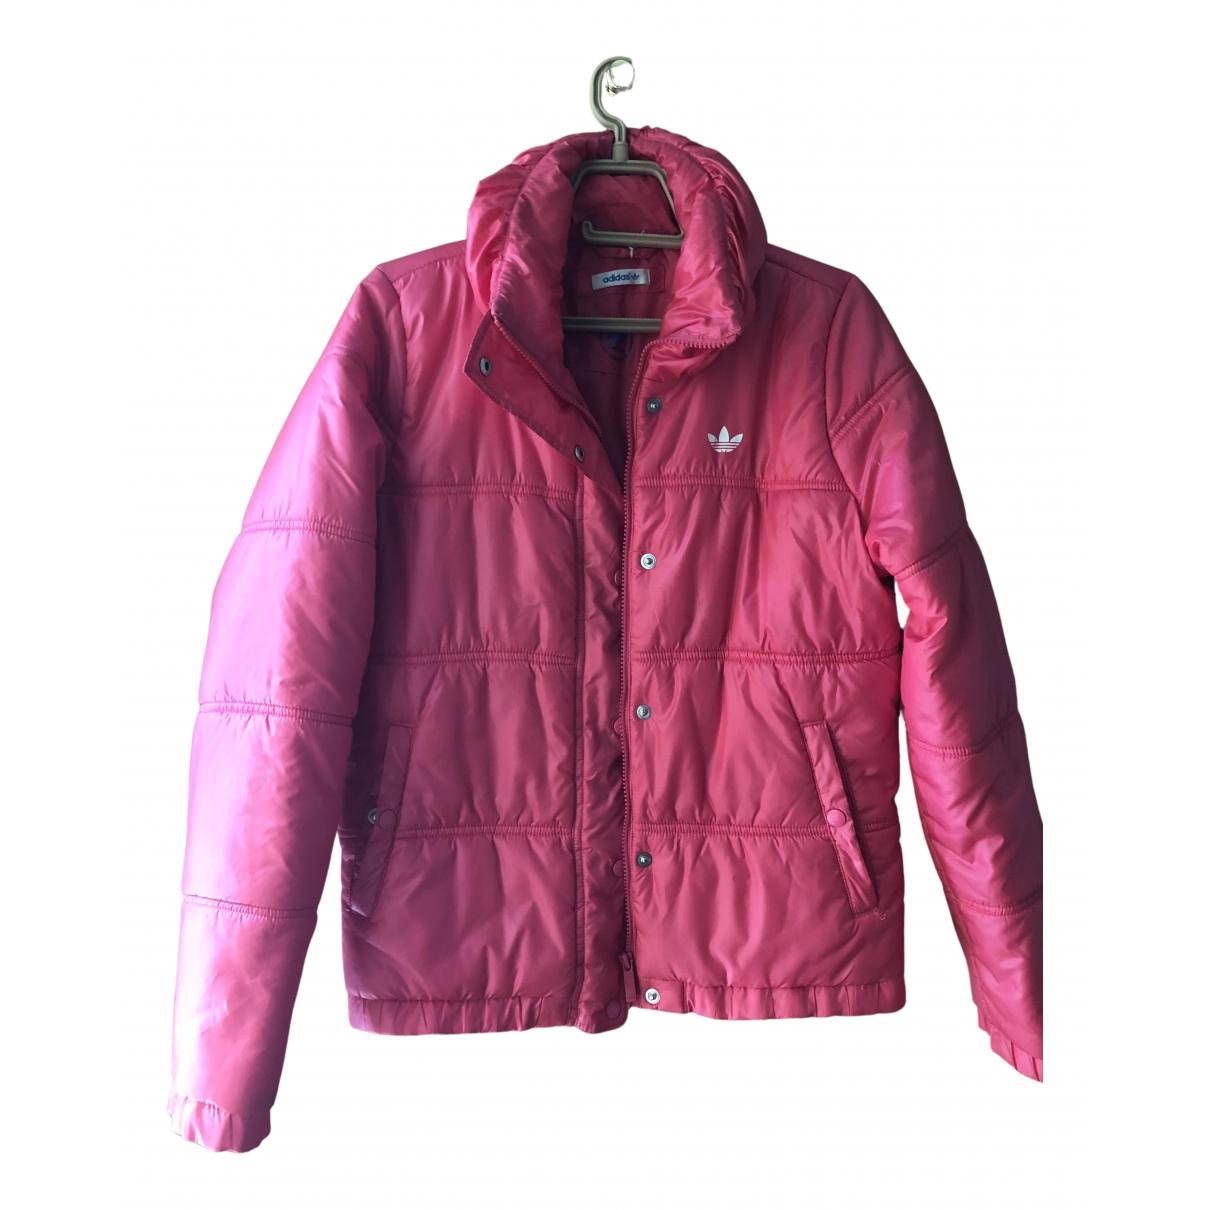 Adidas - Manteau   pour femme - rose